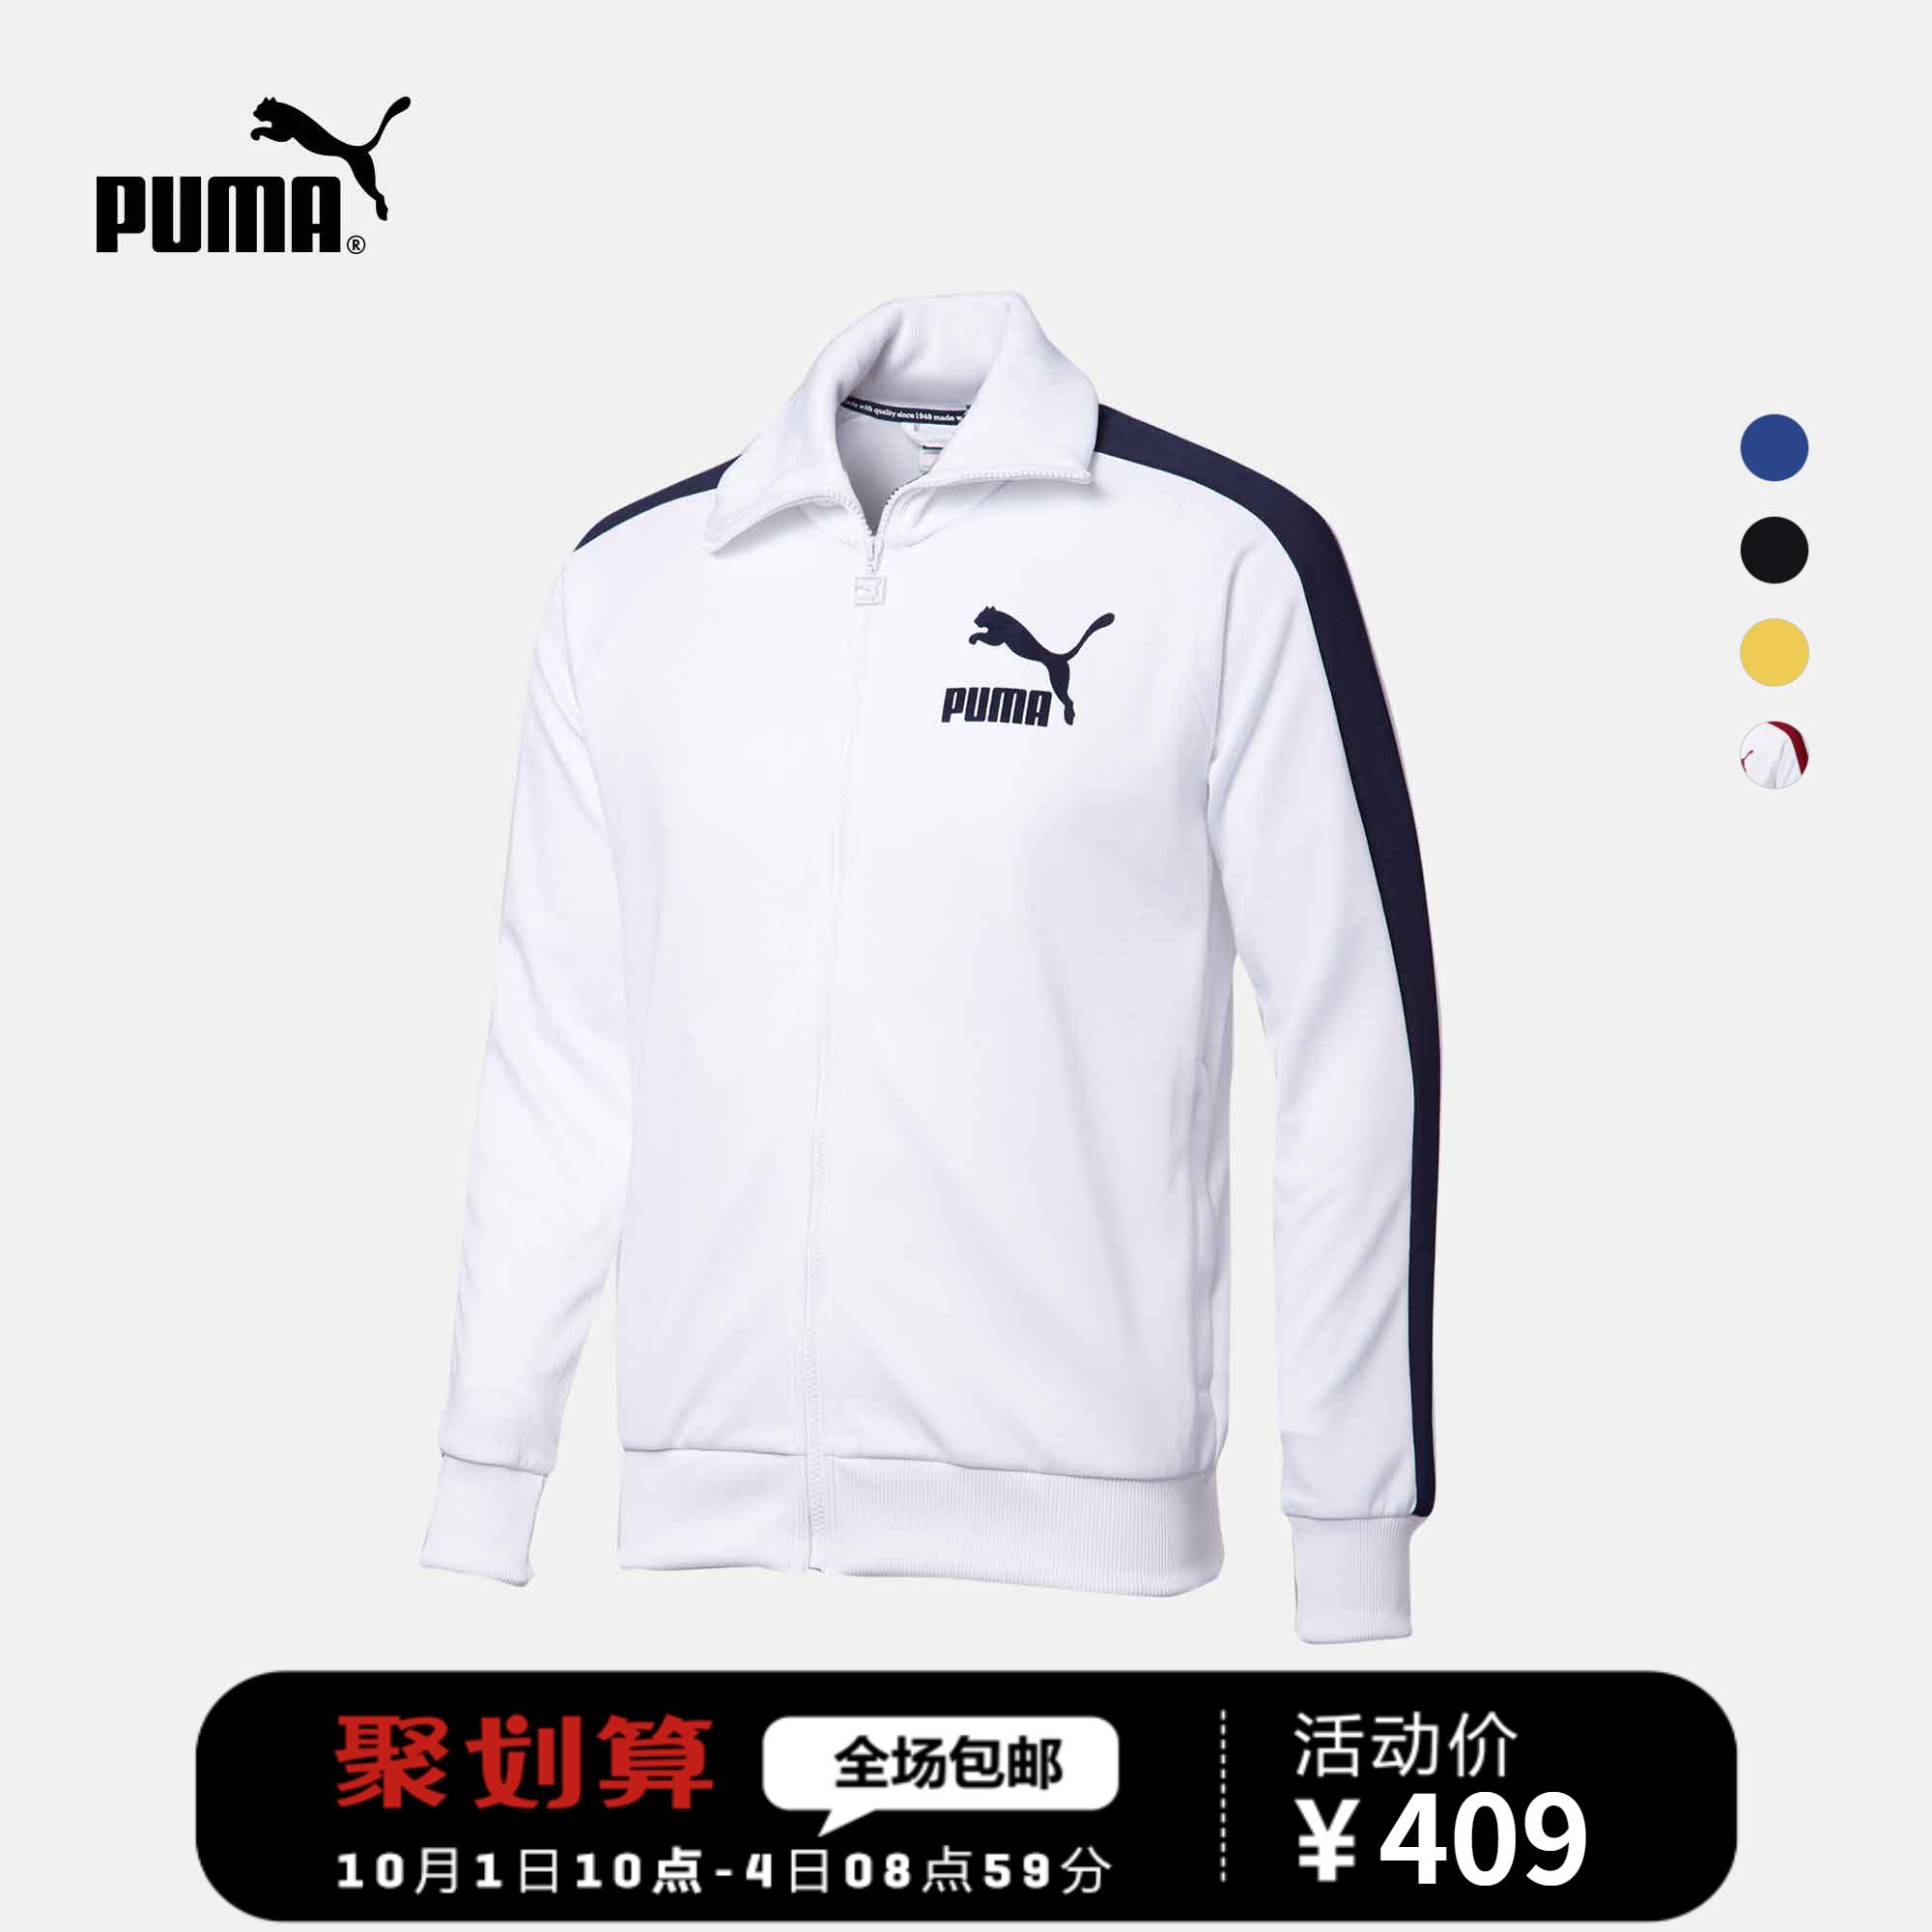 PUMA彪马官方 刘昊然杨洋同款 男子拼接翻领针织外套 T7 576217